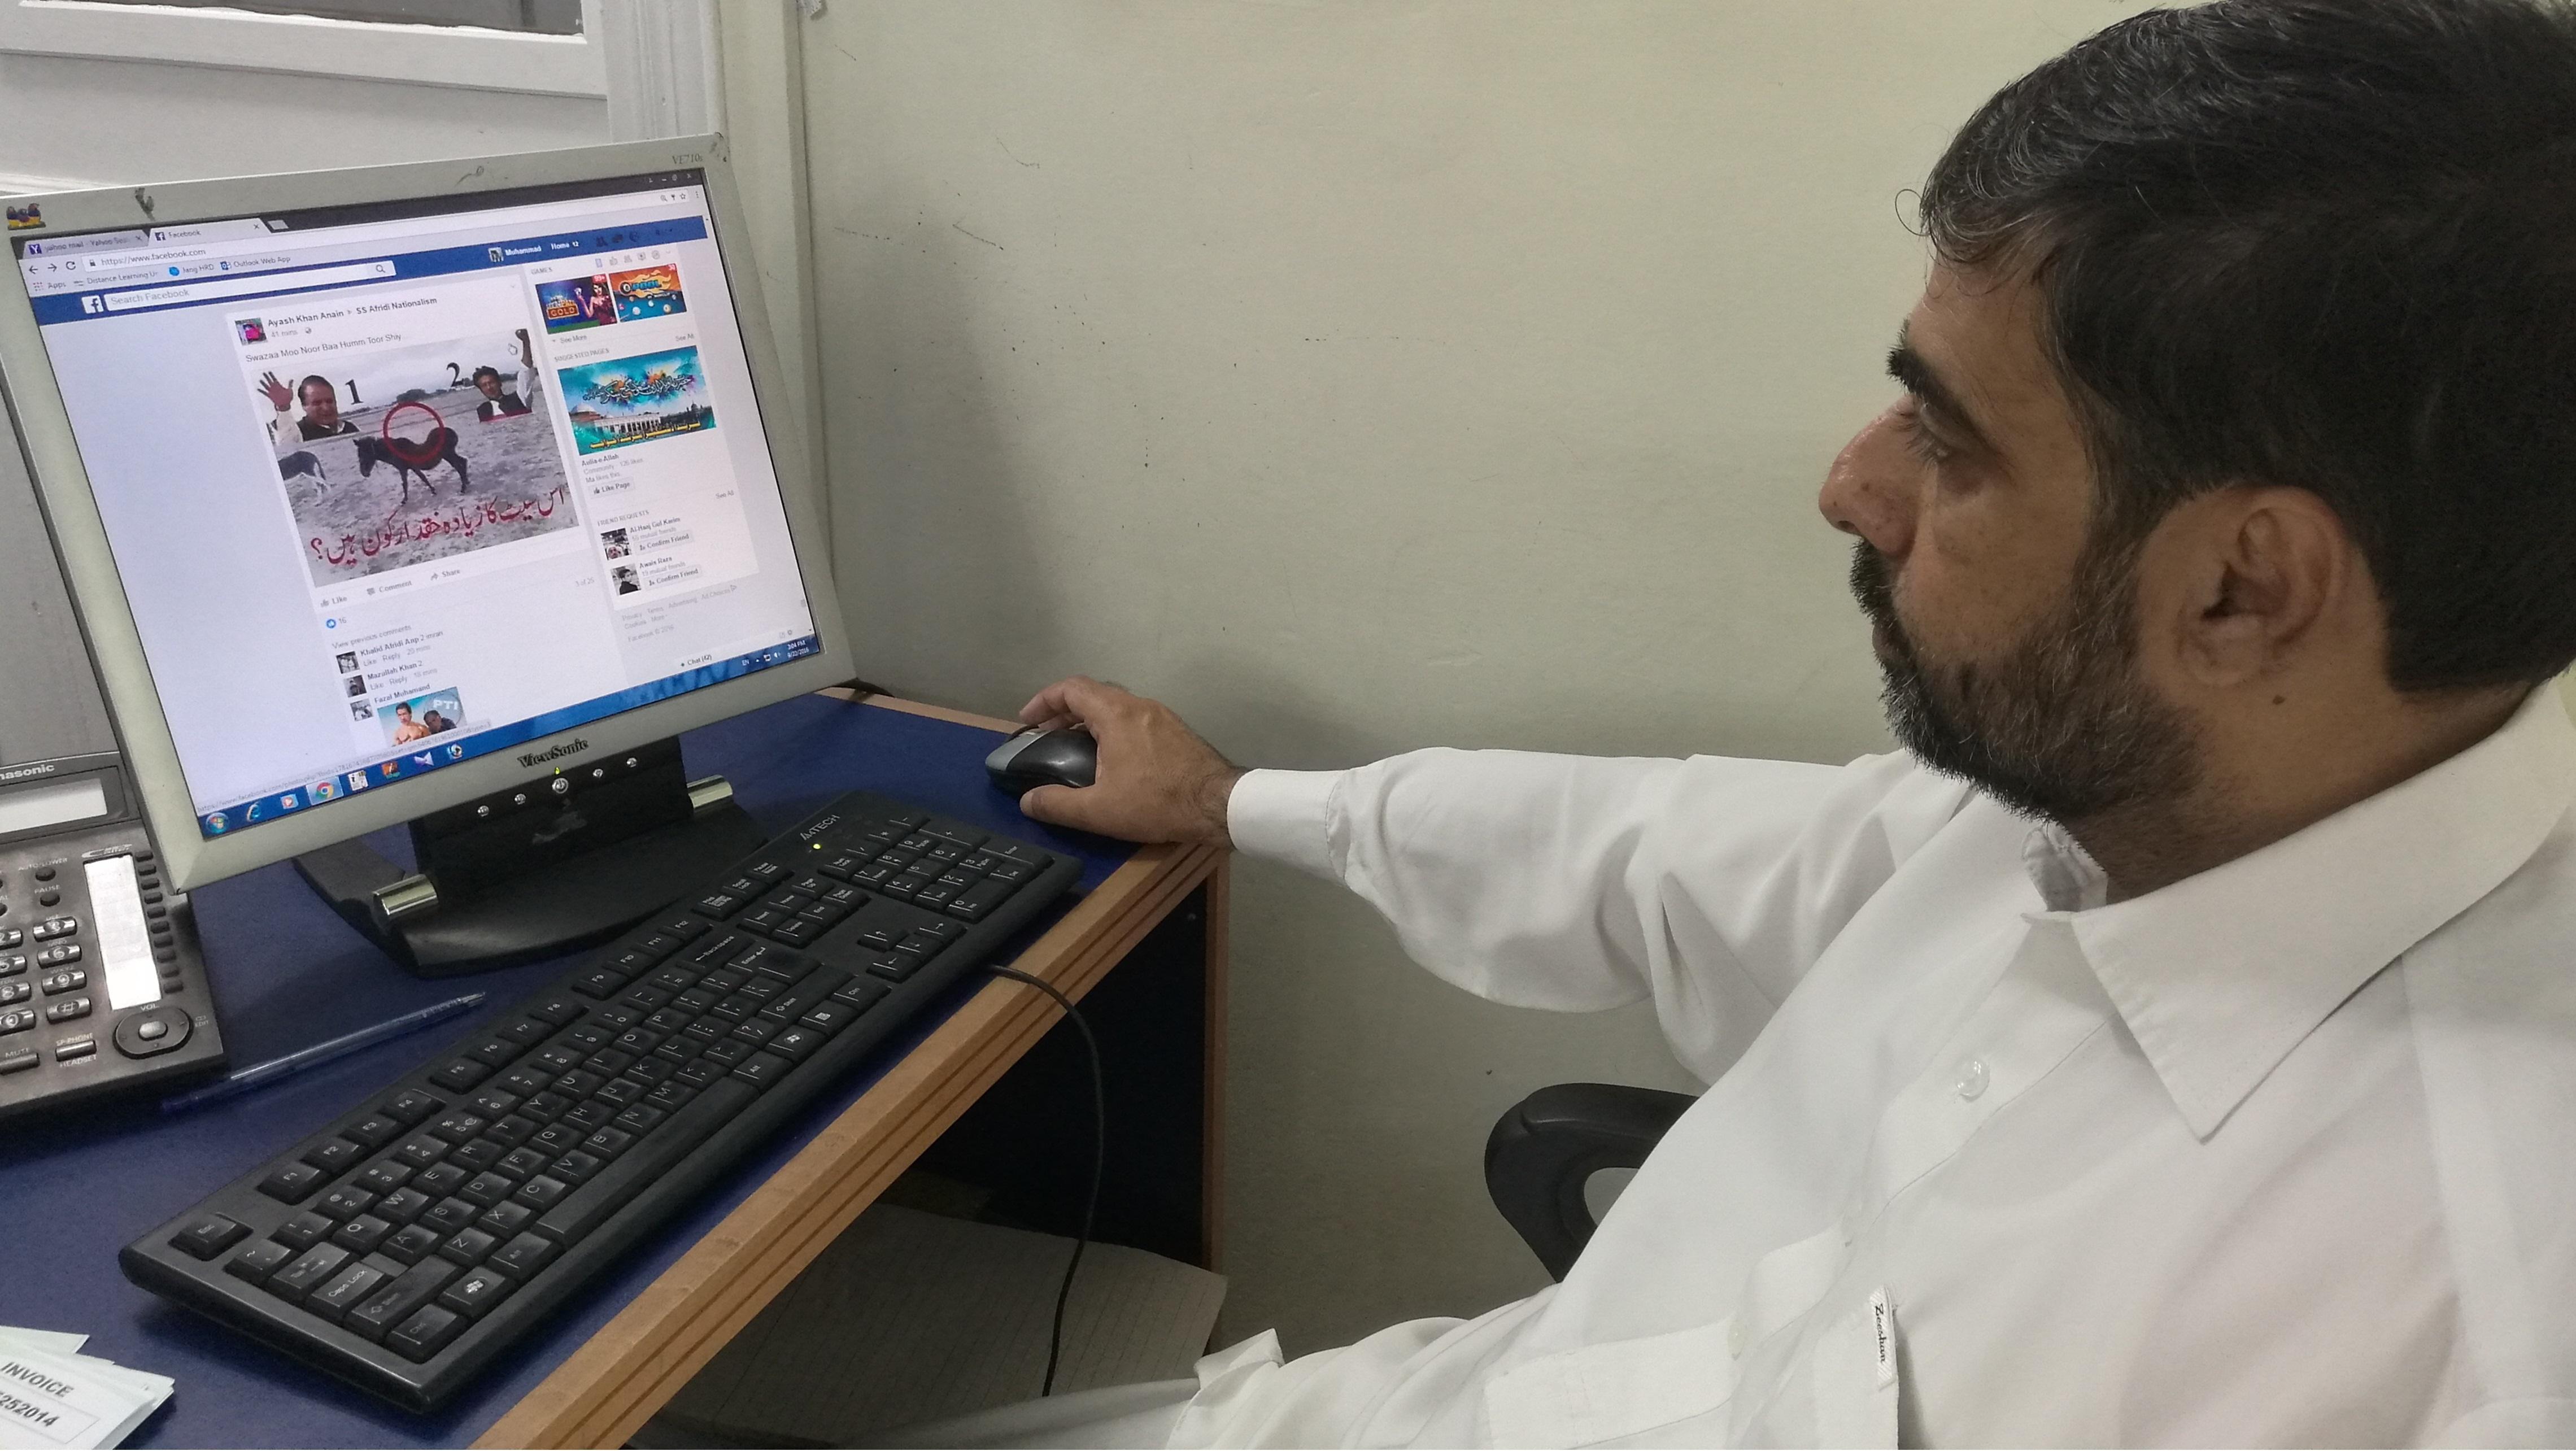 پاکستان د سایبر تروریزم او آنلاين جرمونو پر وړاندې قانون پلي کوي